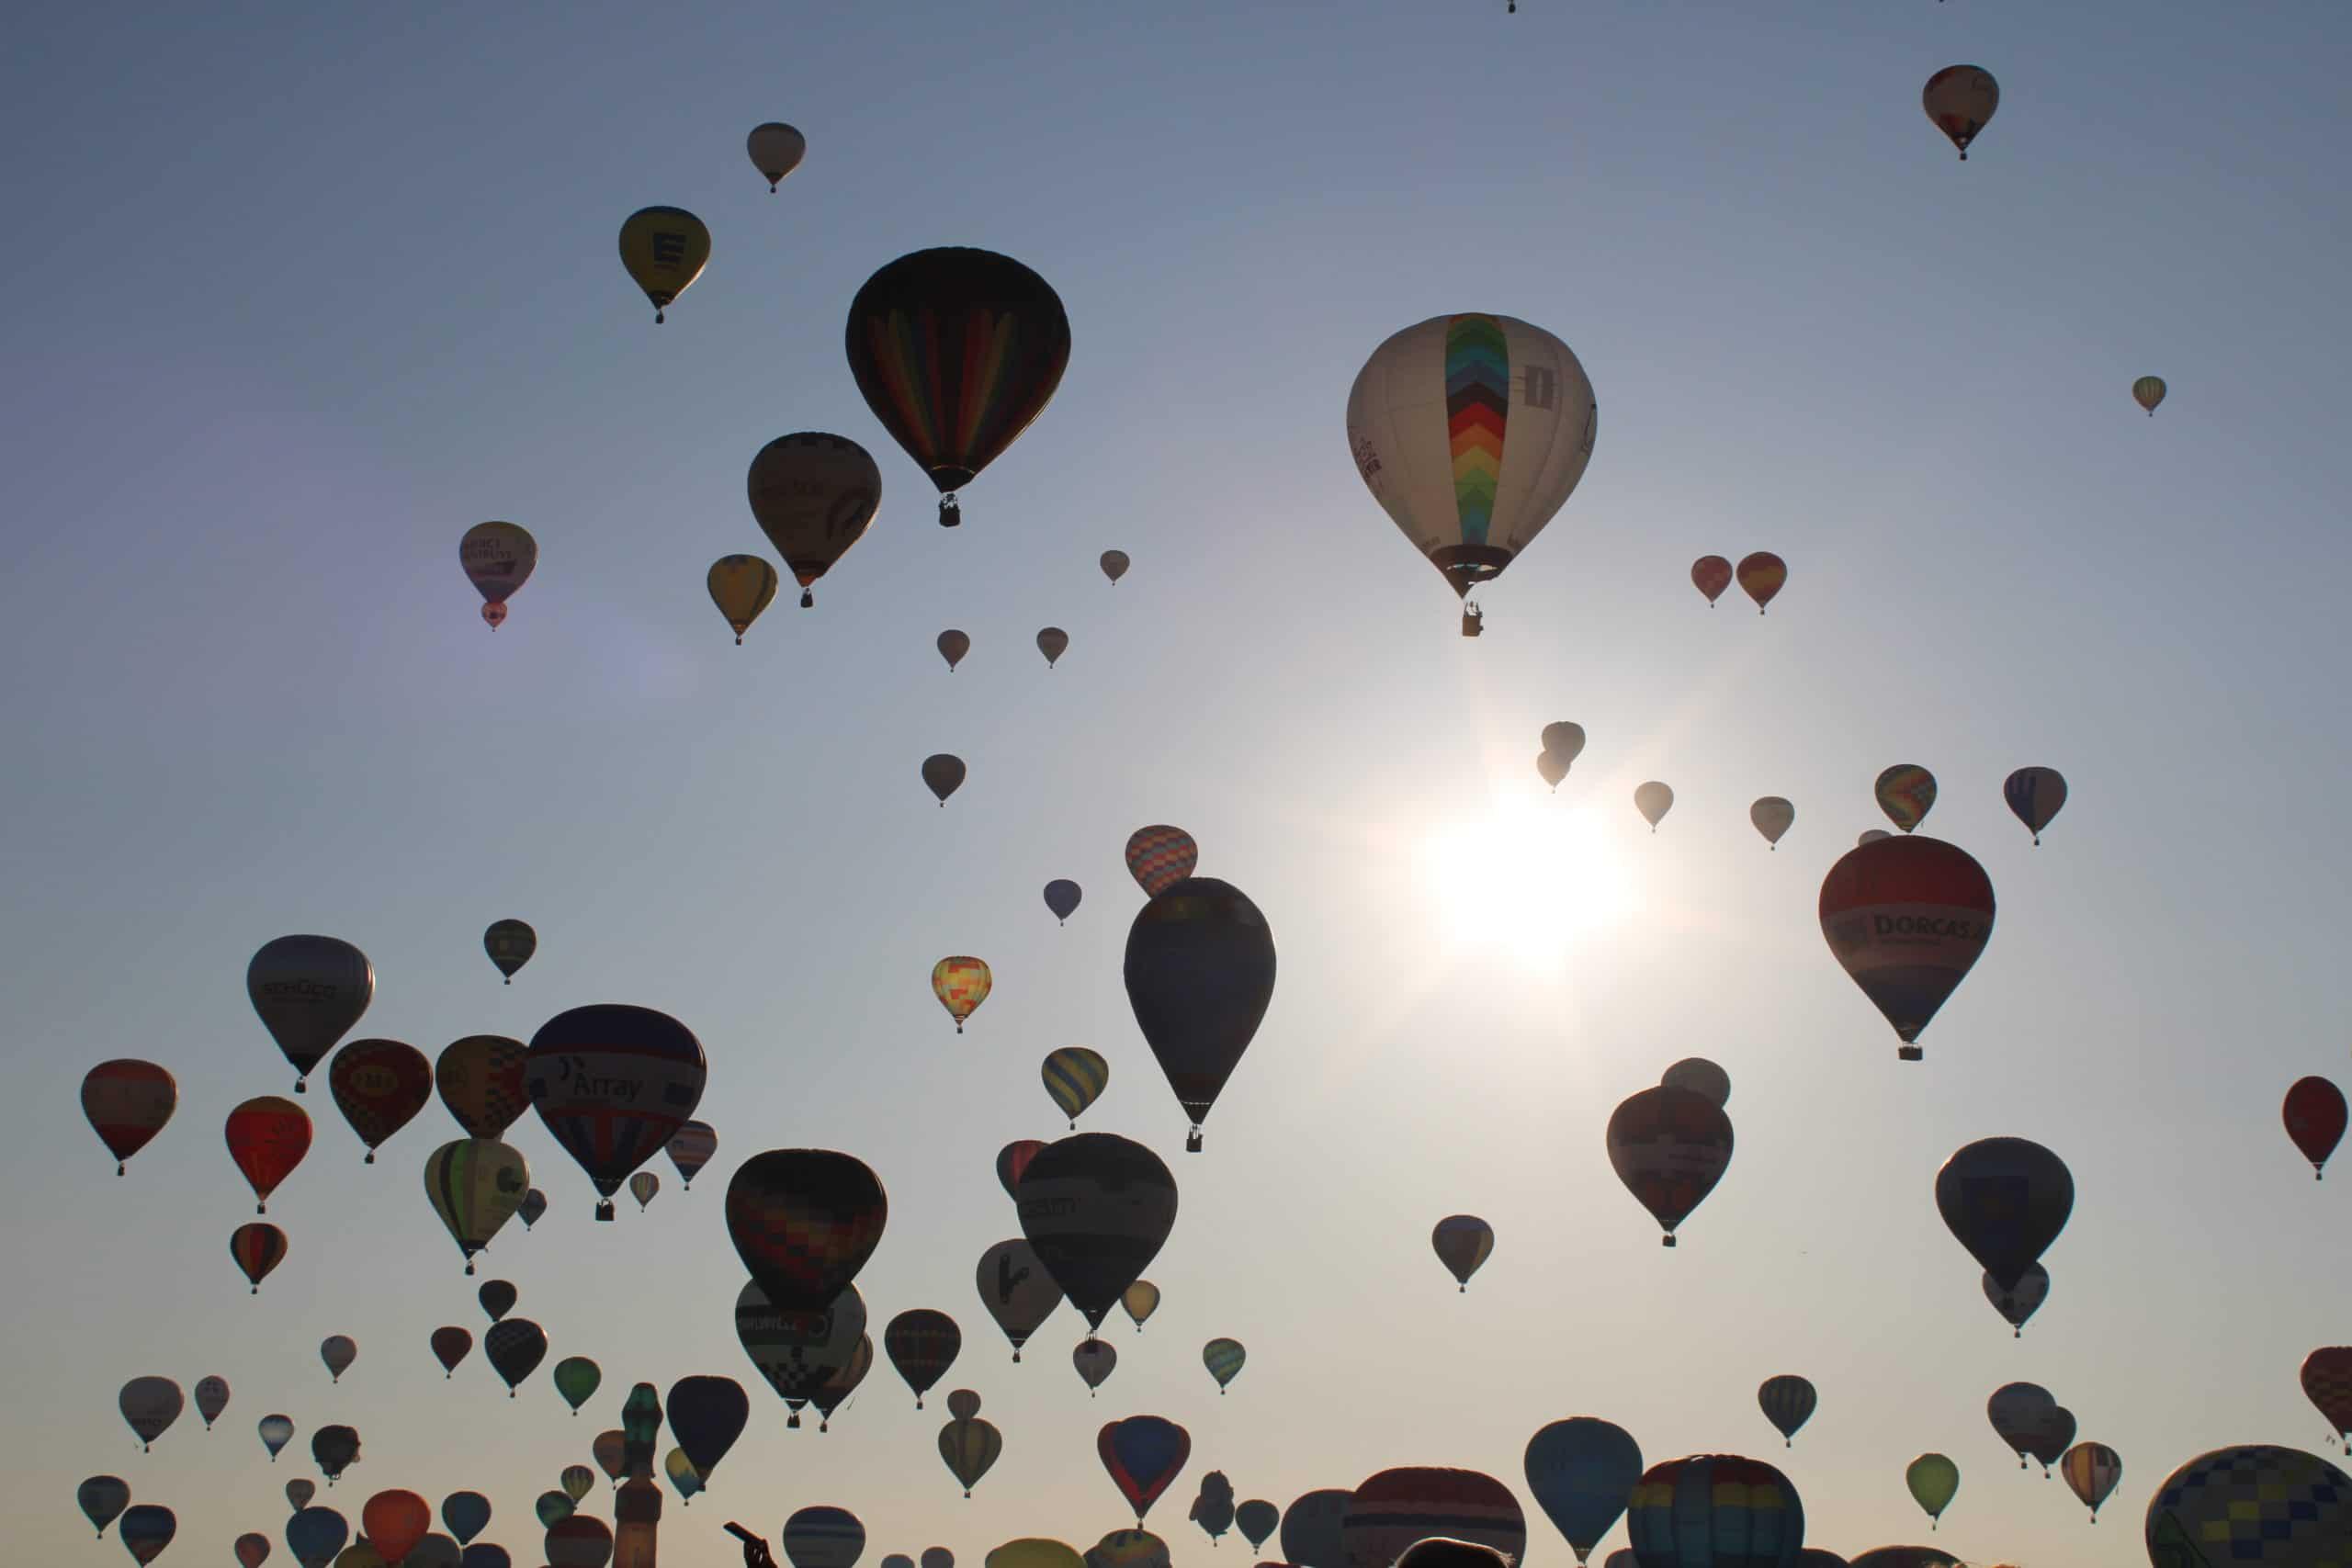 Les montgolfières dans le ciel à contre jour. Chambley 2019